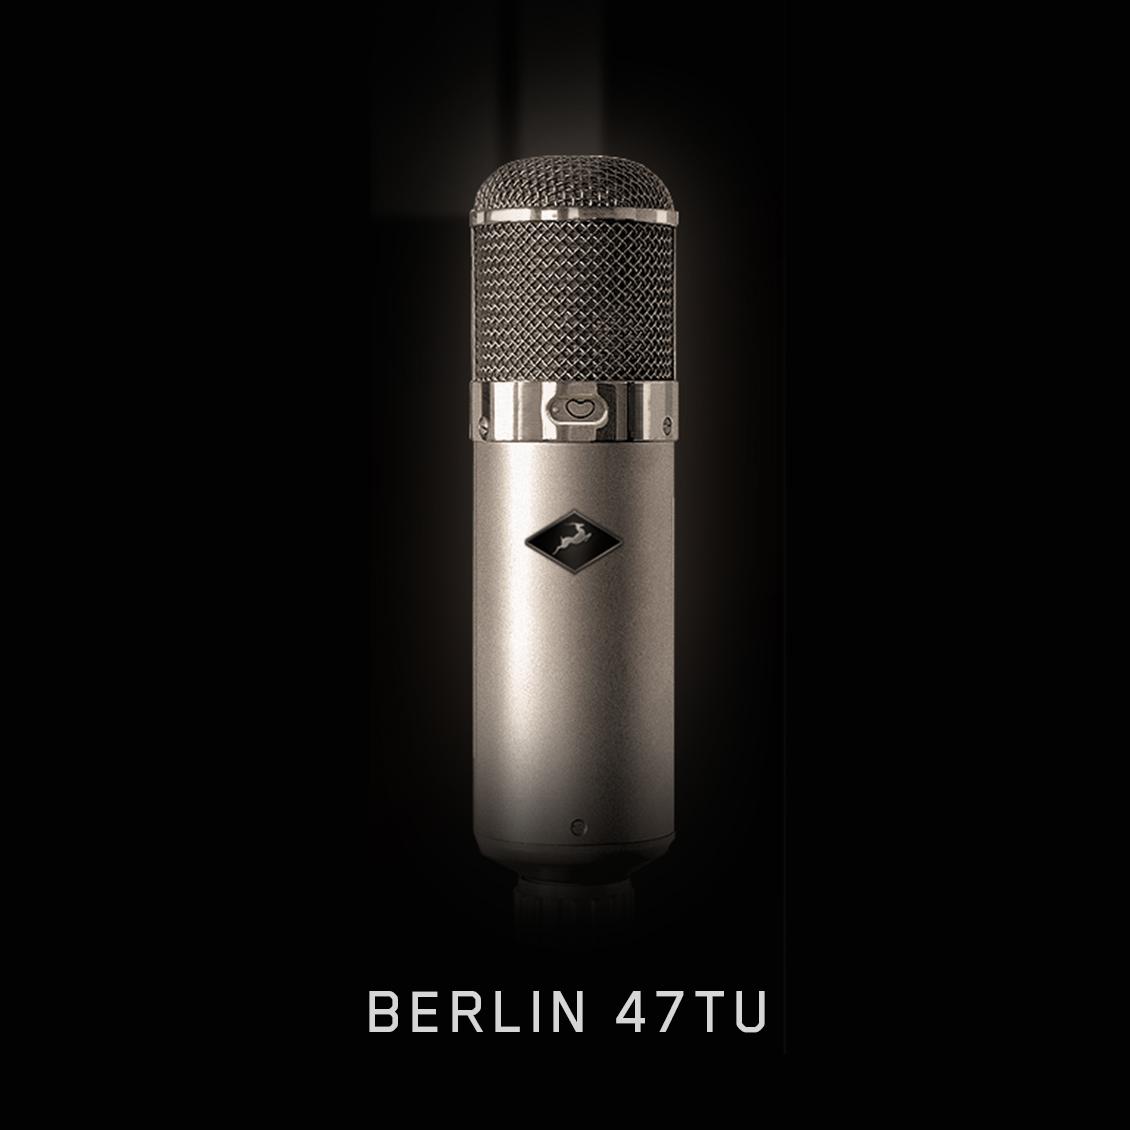 Berlin 47 TU 2